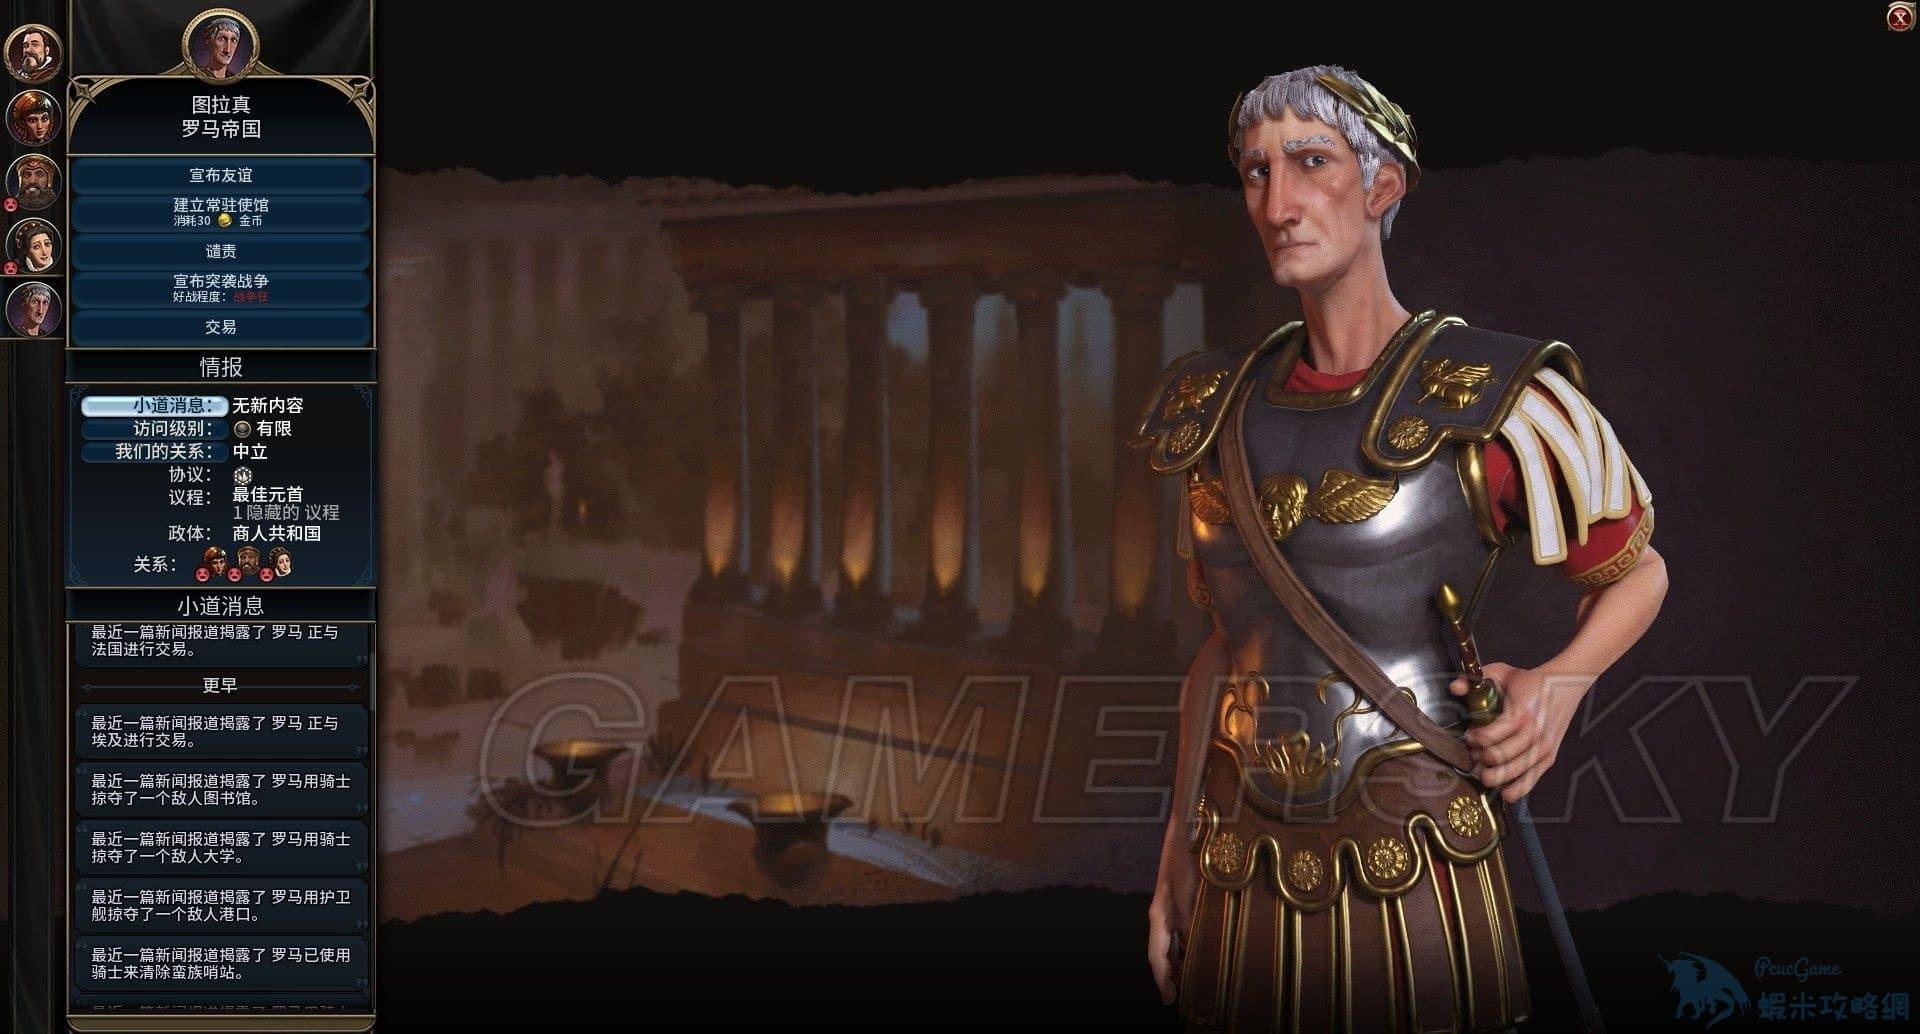 文明帝國 6 字體大小修改圖文教學 字體大小怎麼修改